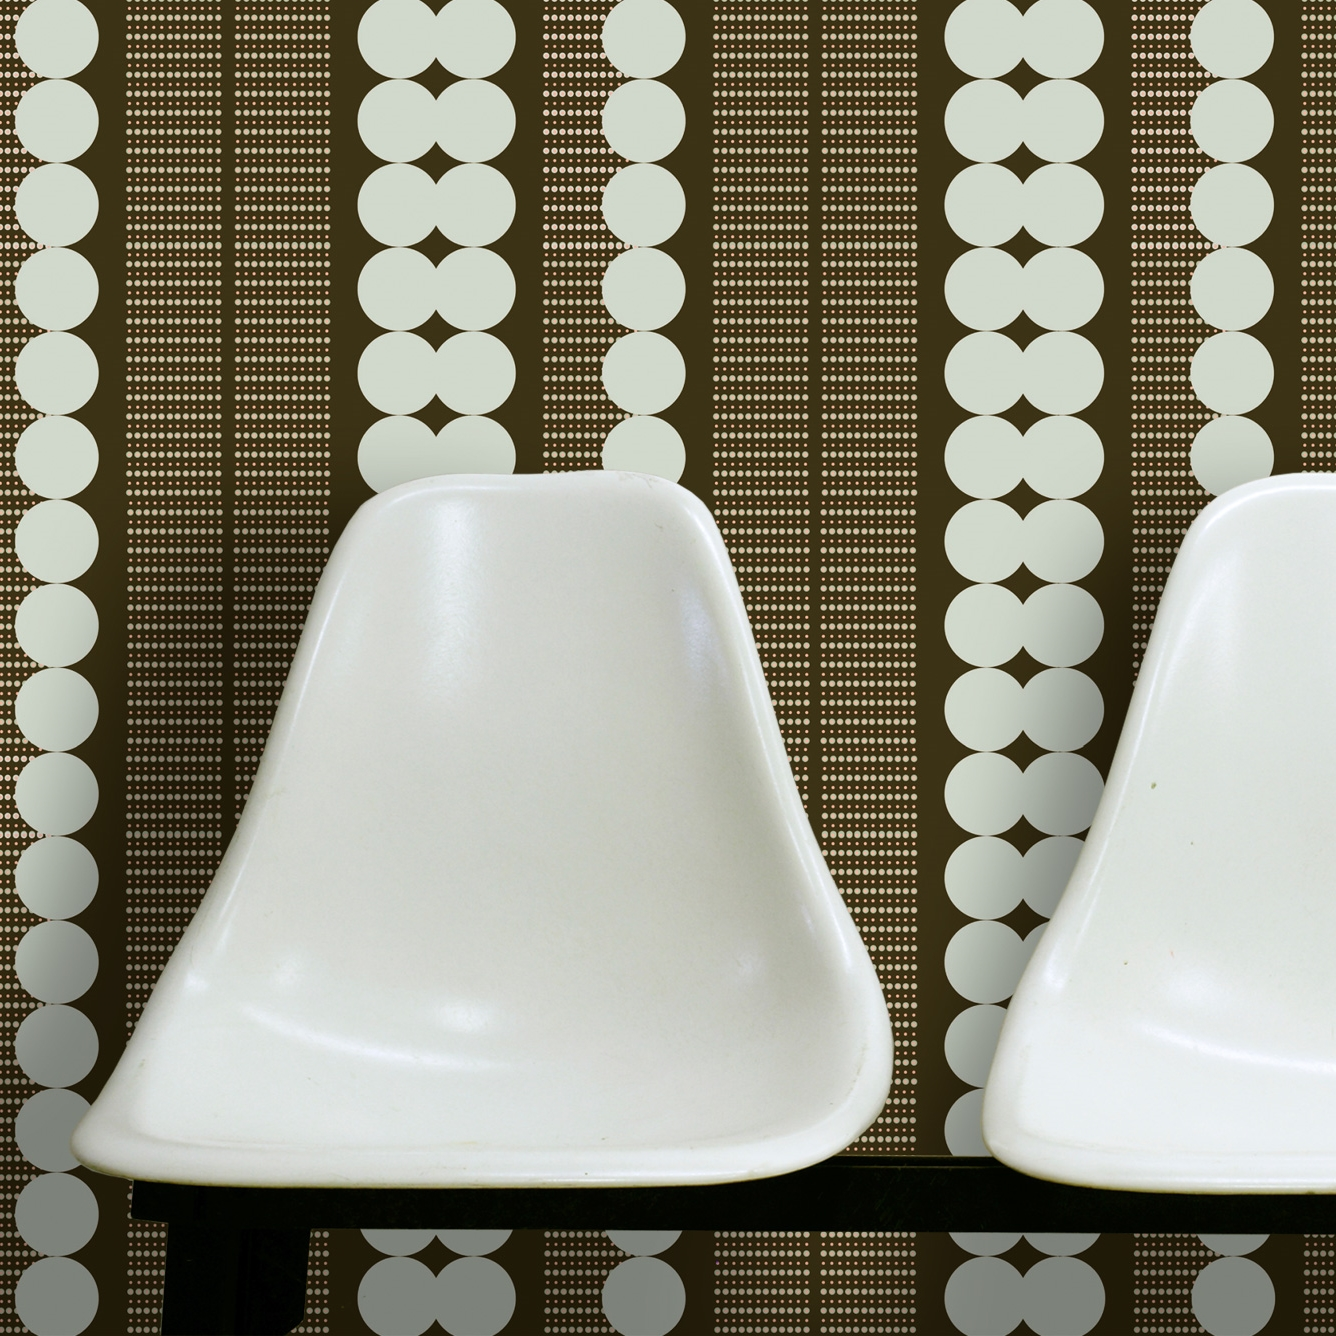 White-Fiberglass-Chairs-BOB-dark-choc.jpg